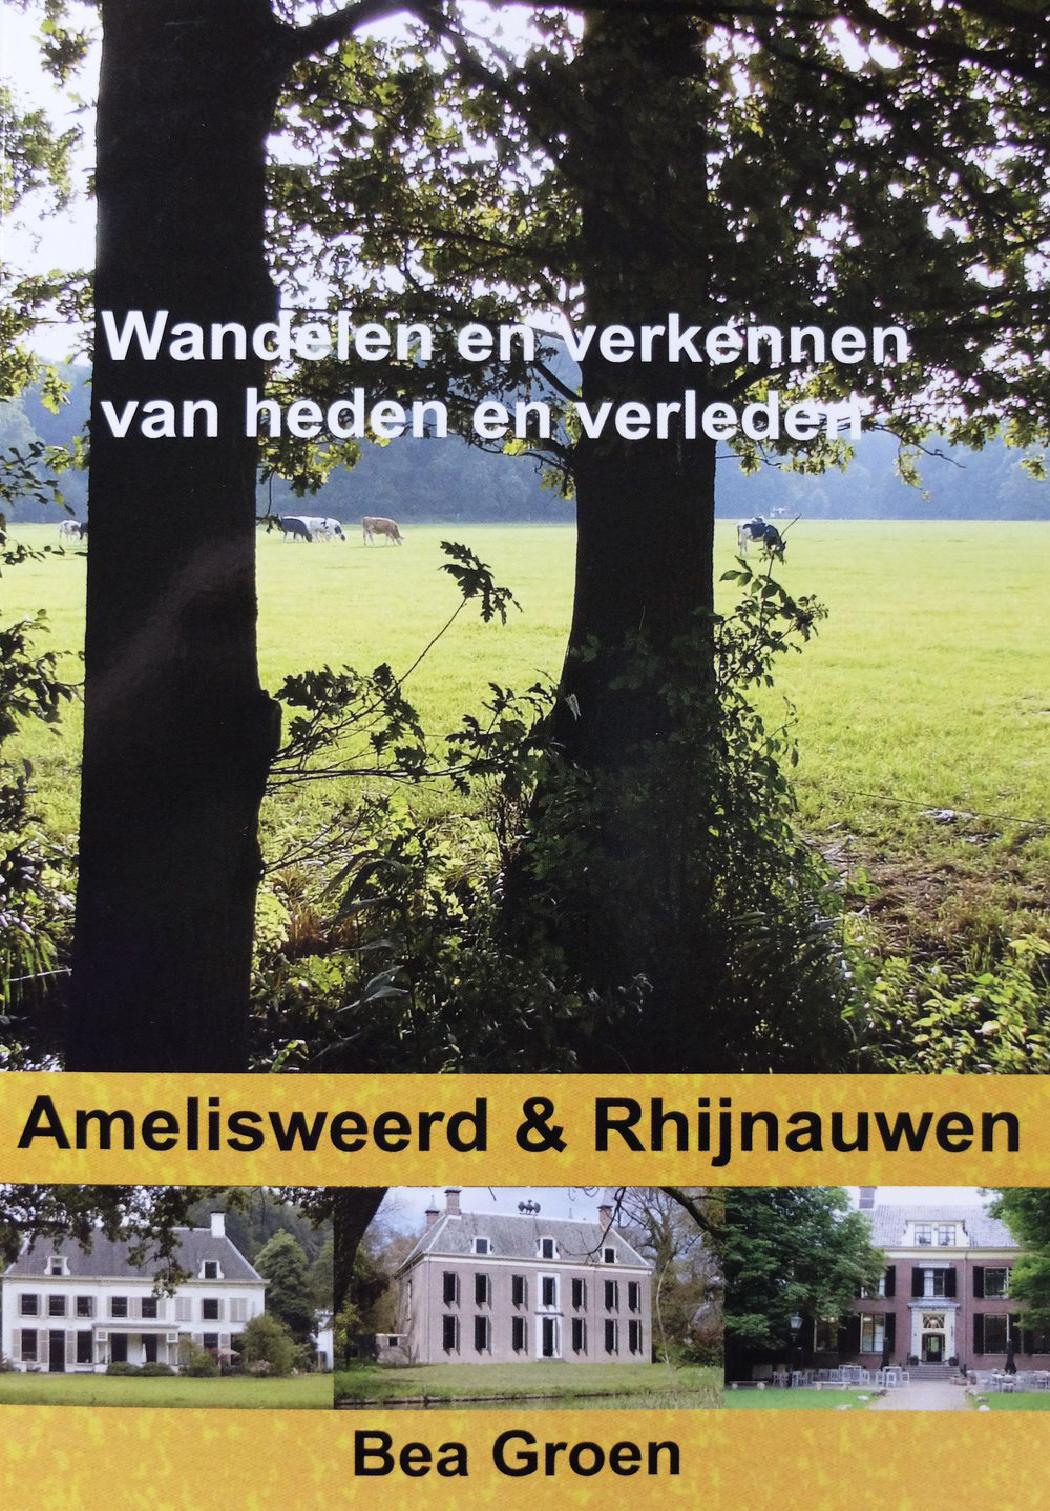 Boek Bea Groen cover